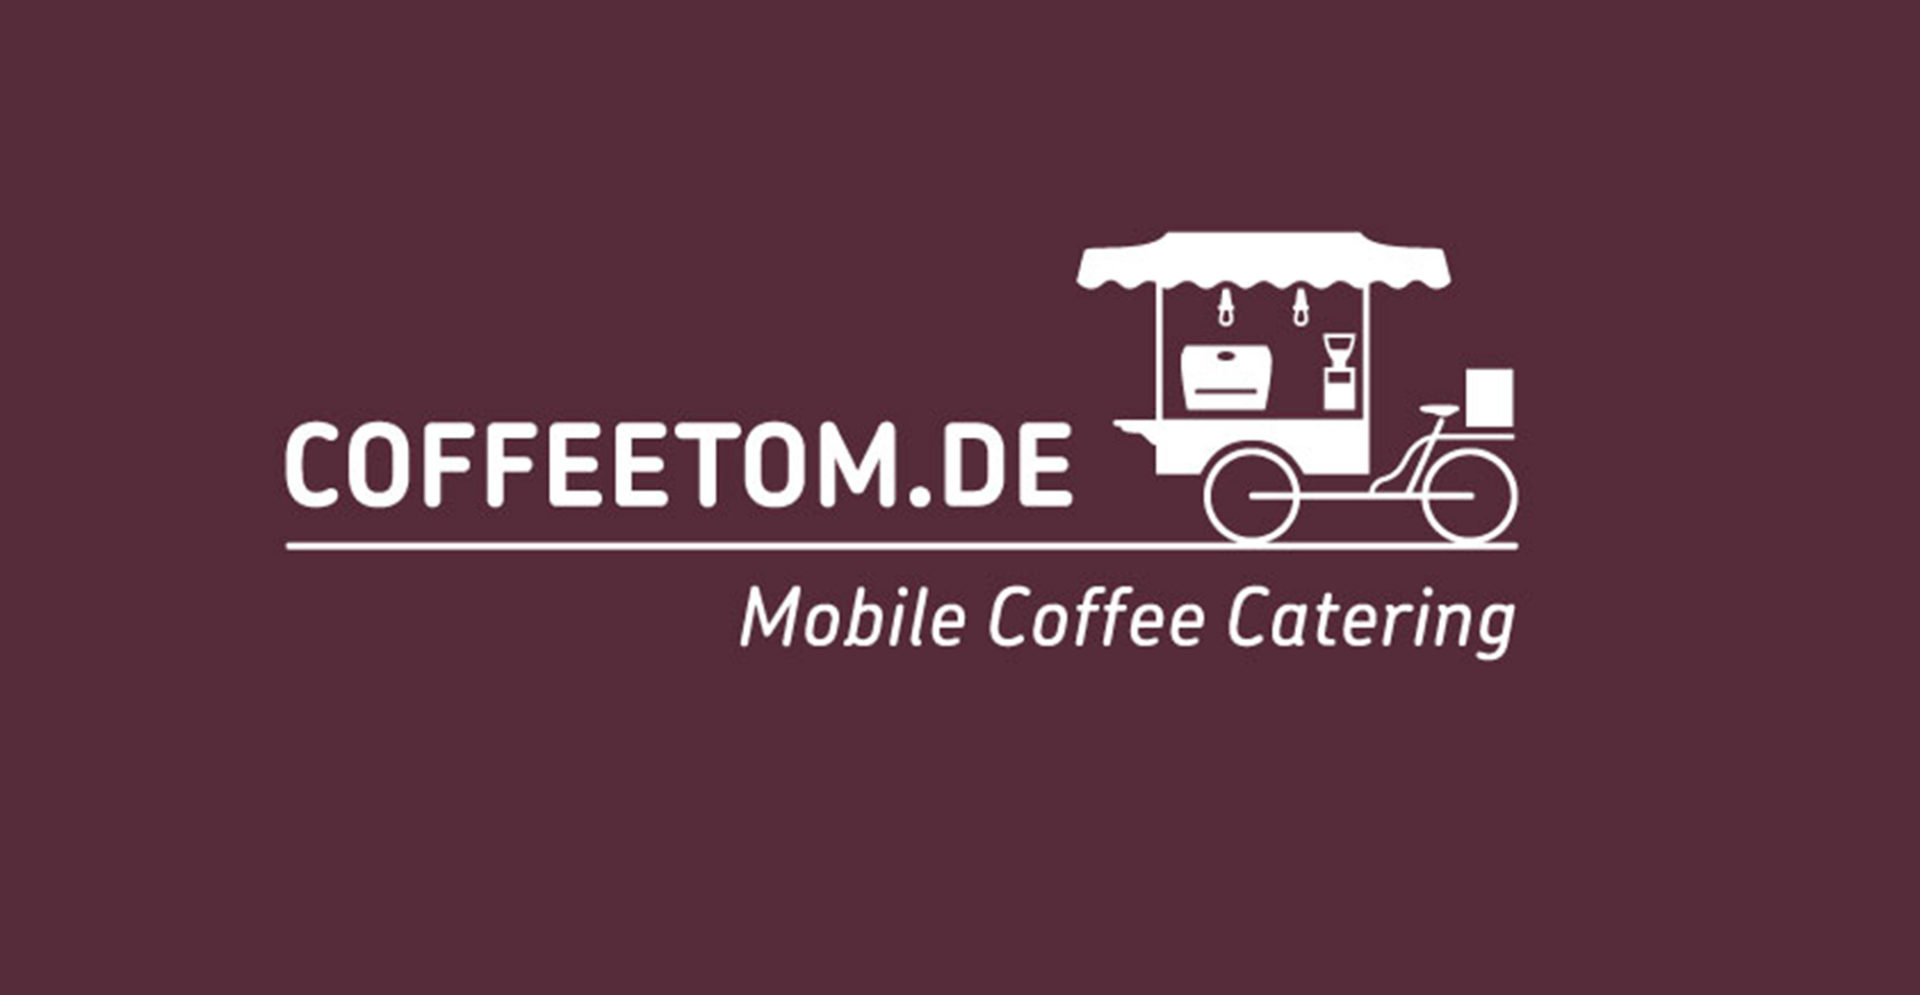 COFFEETOM